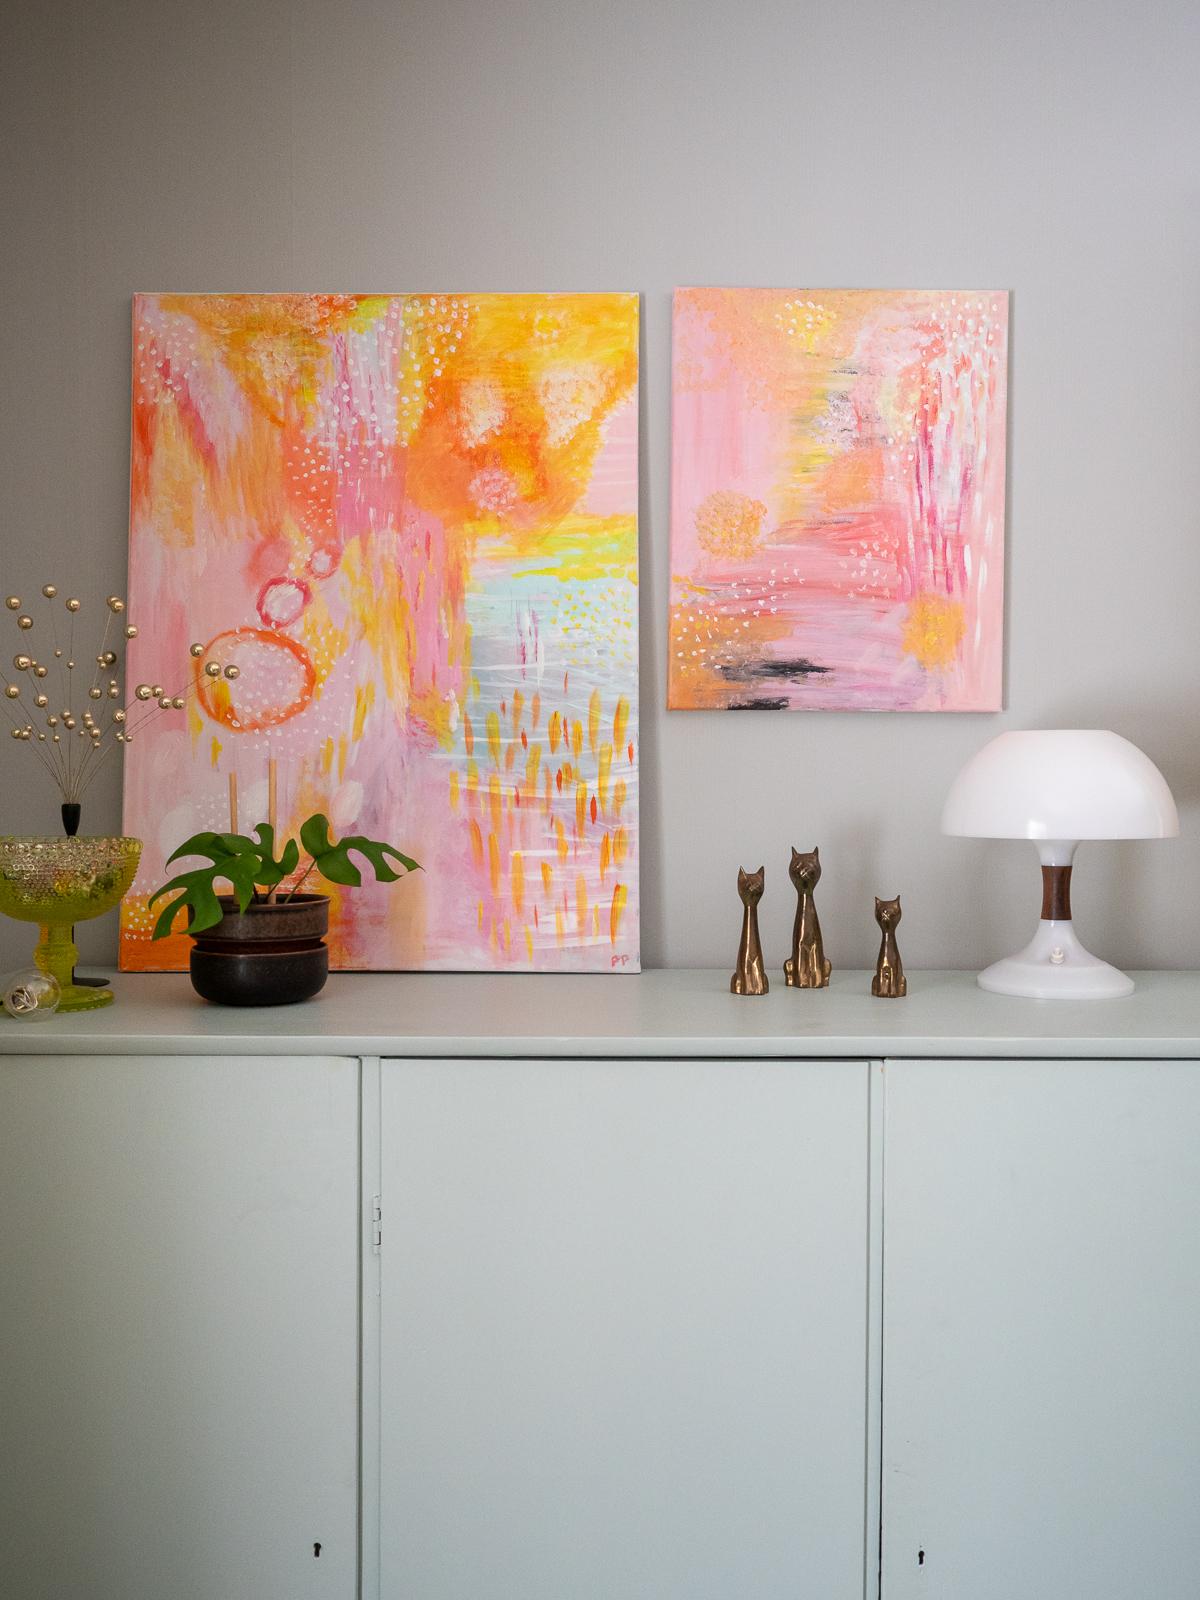 värikästä taidetta